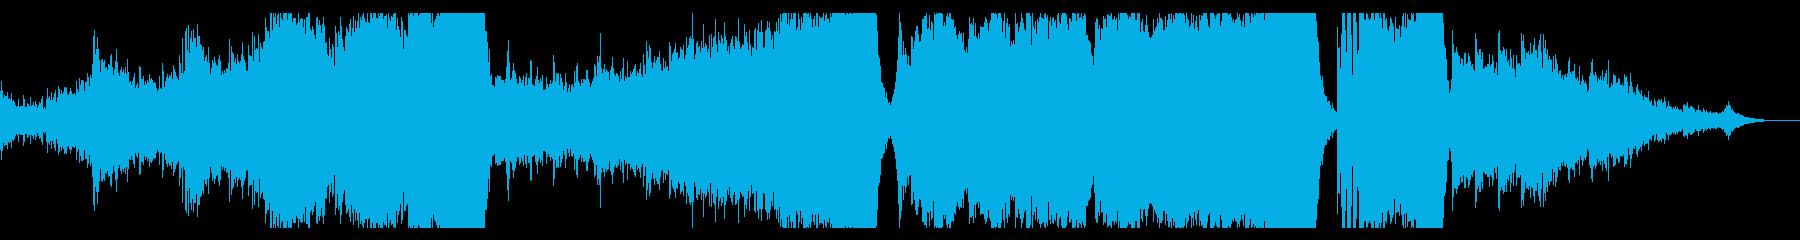 「エリタス・ビンシット」は「ルース...の再生済みの波形